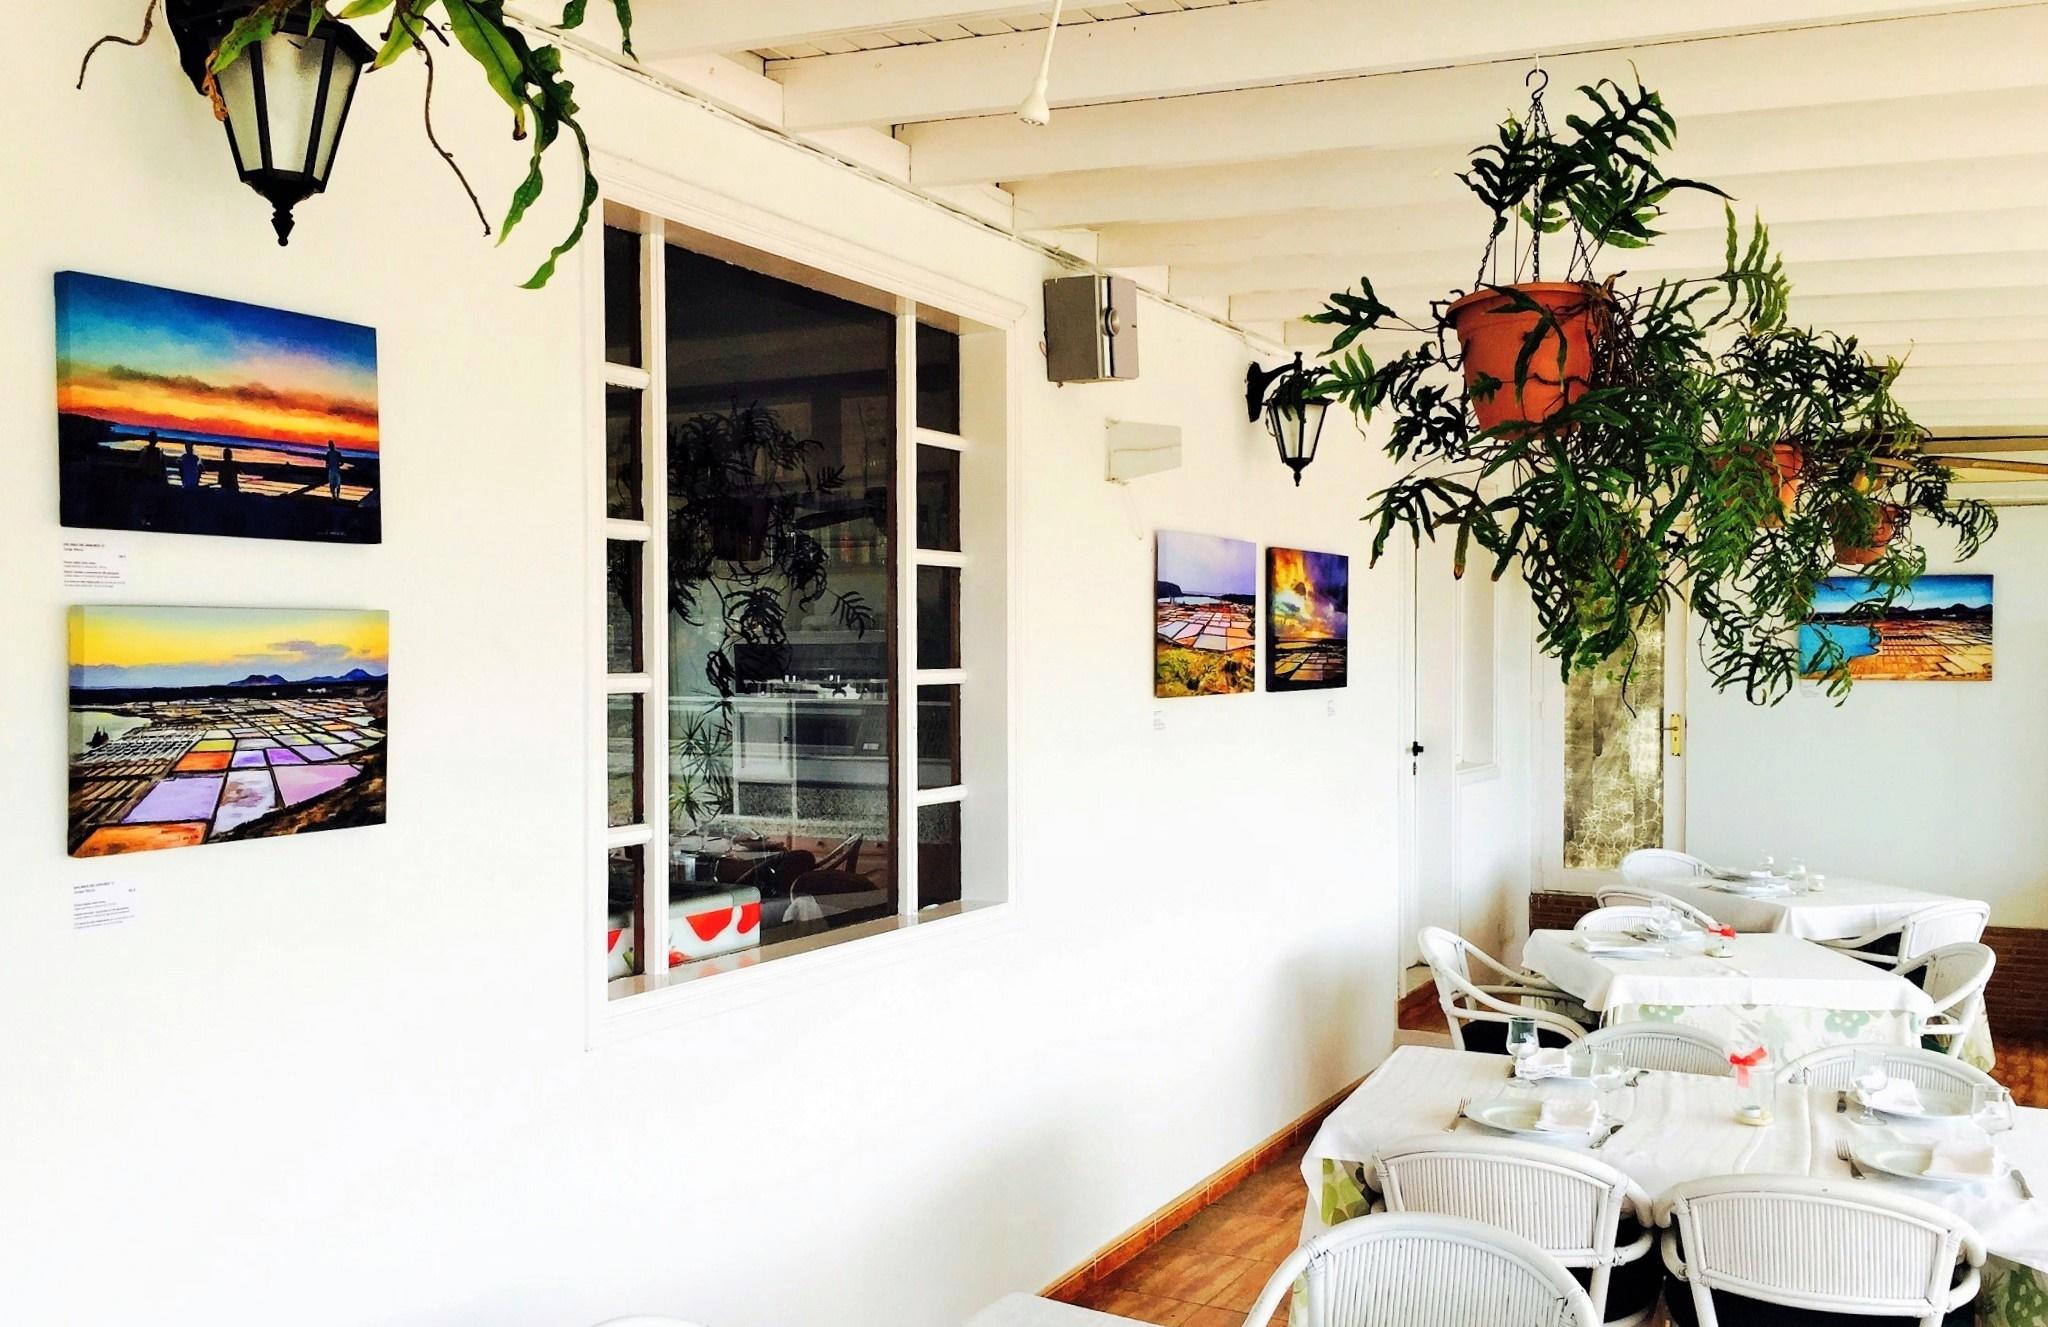 Pinturas de Jorge Marsá decorando el restaurante Mirador Las Salinas